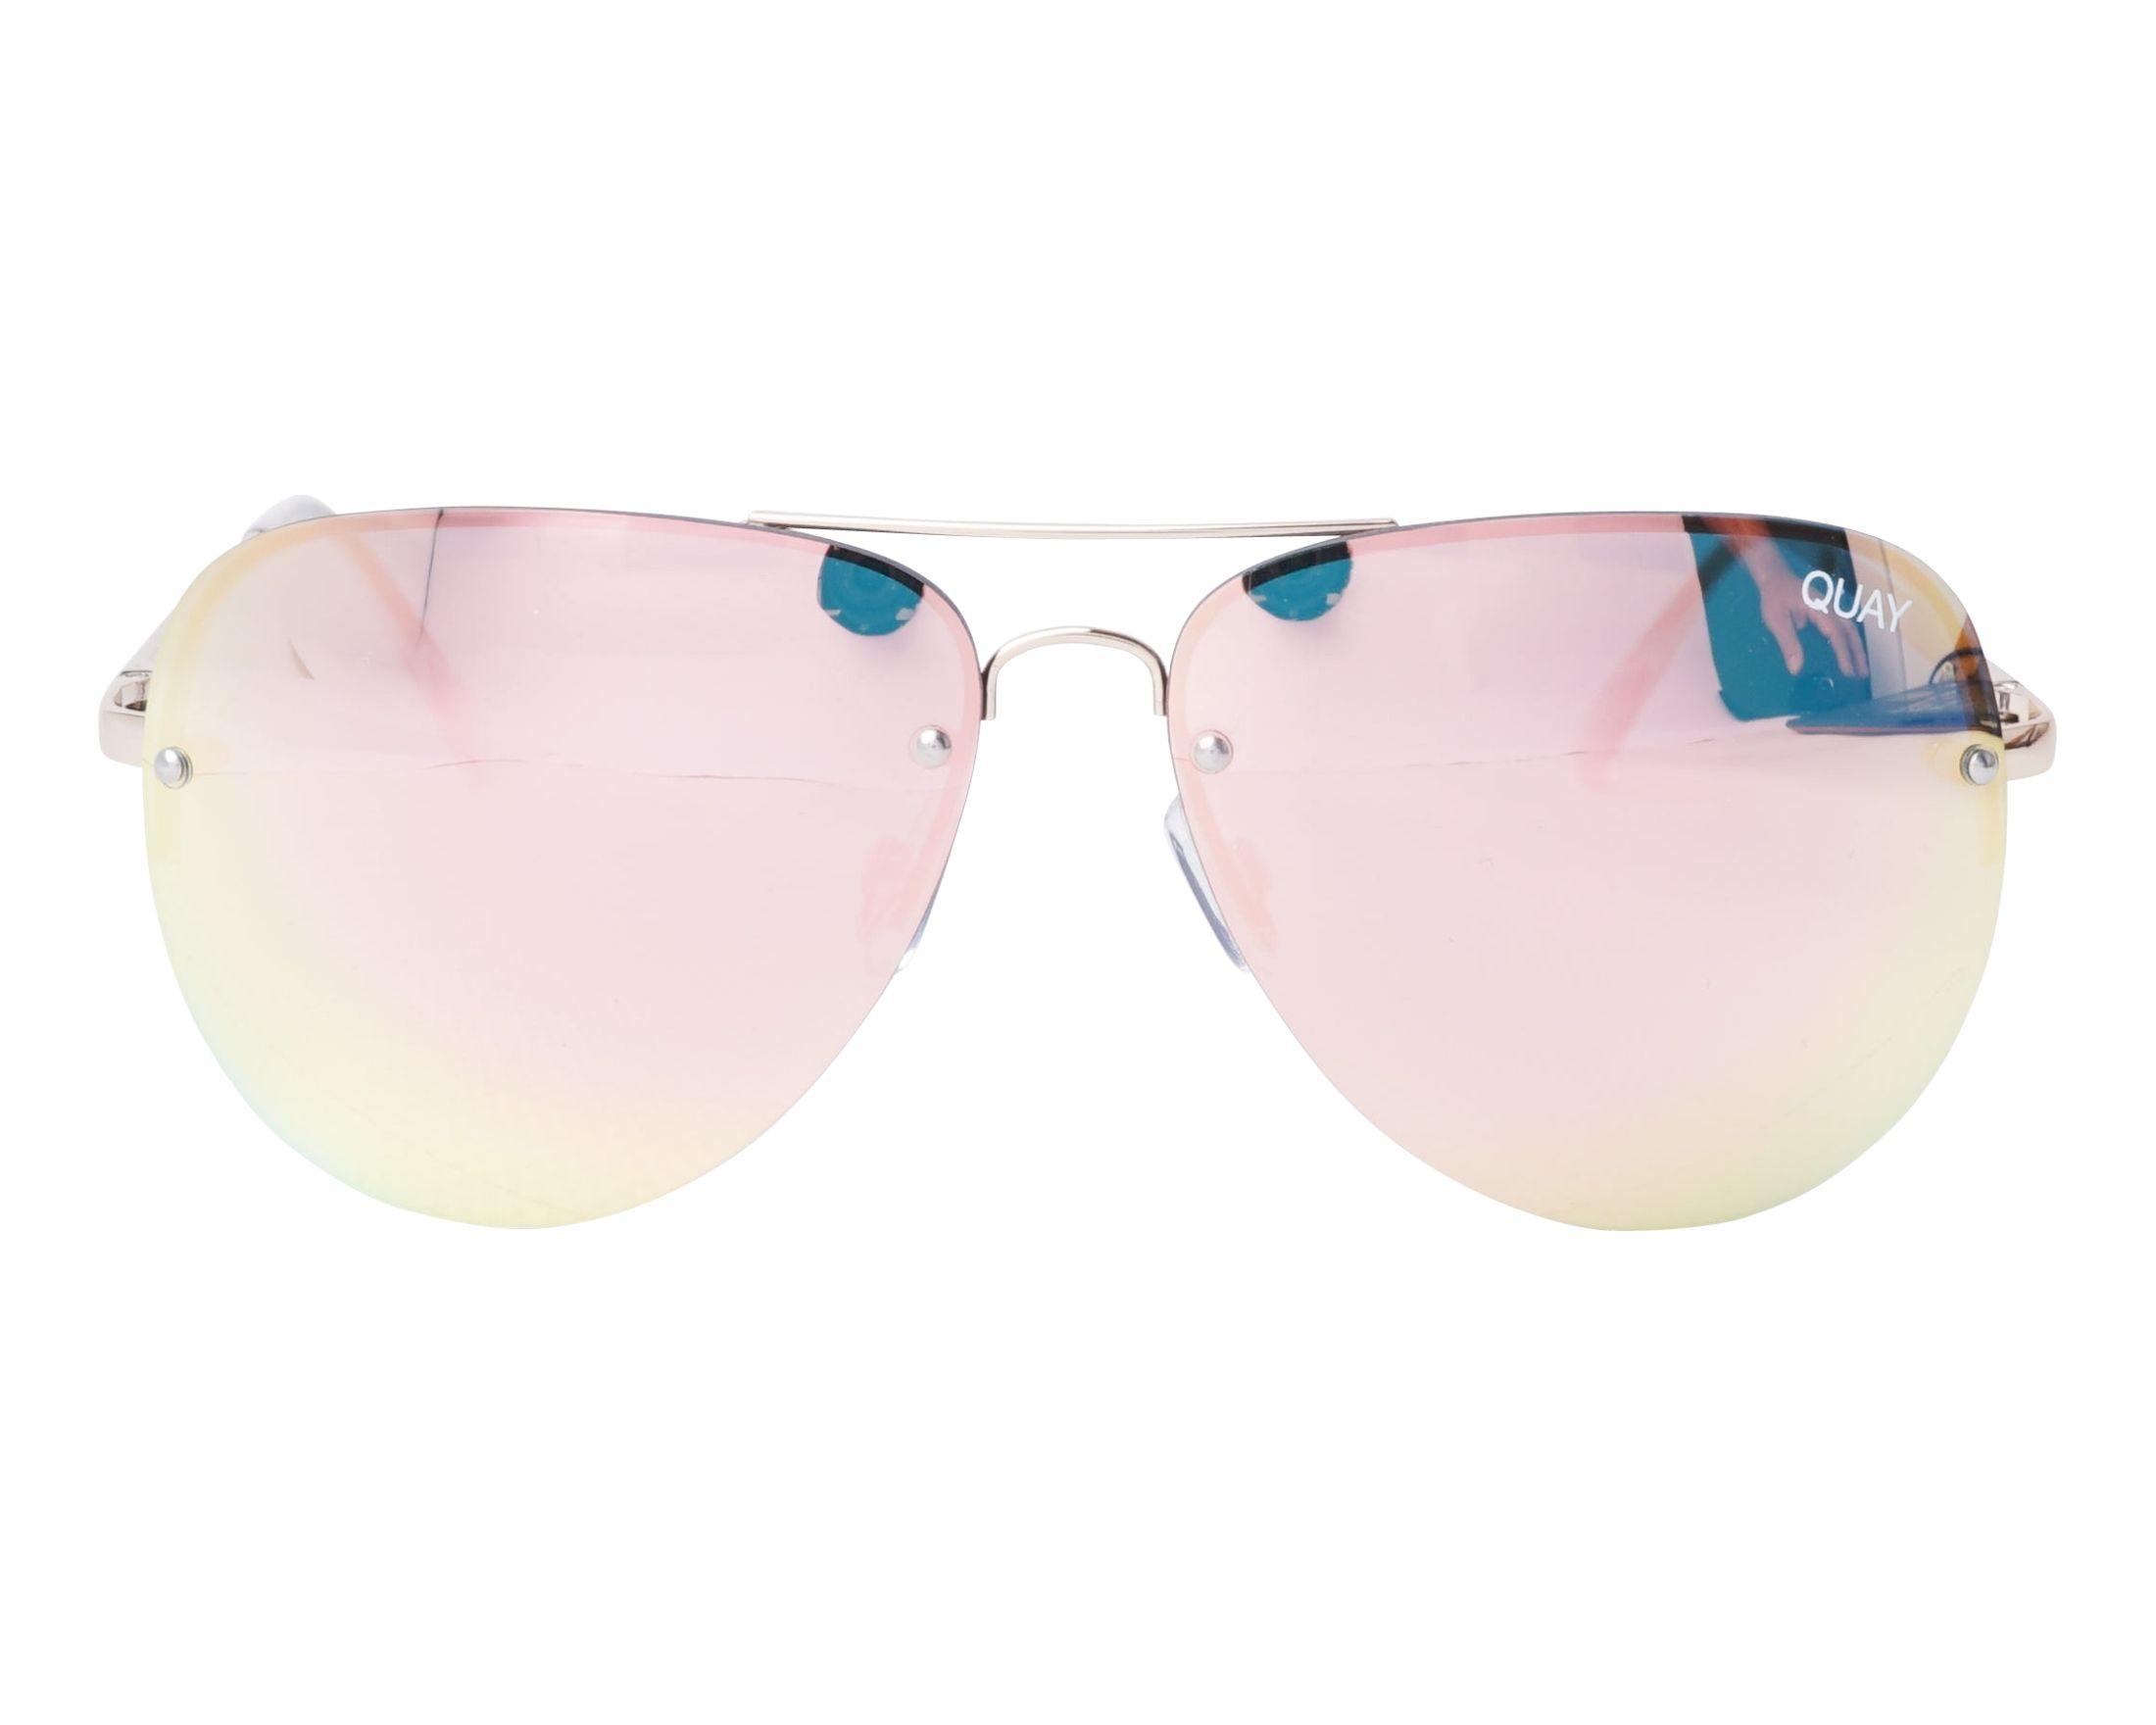 6b20674188 Gafas de sol Quay Australia QC-000064 GOLD-PNK 54-17 Oro vista